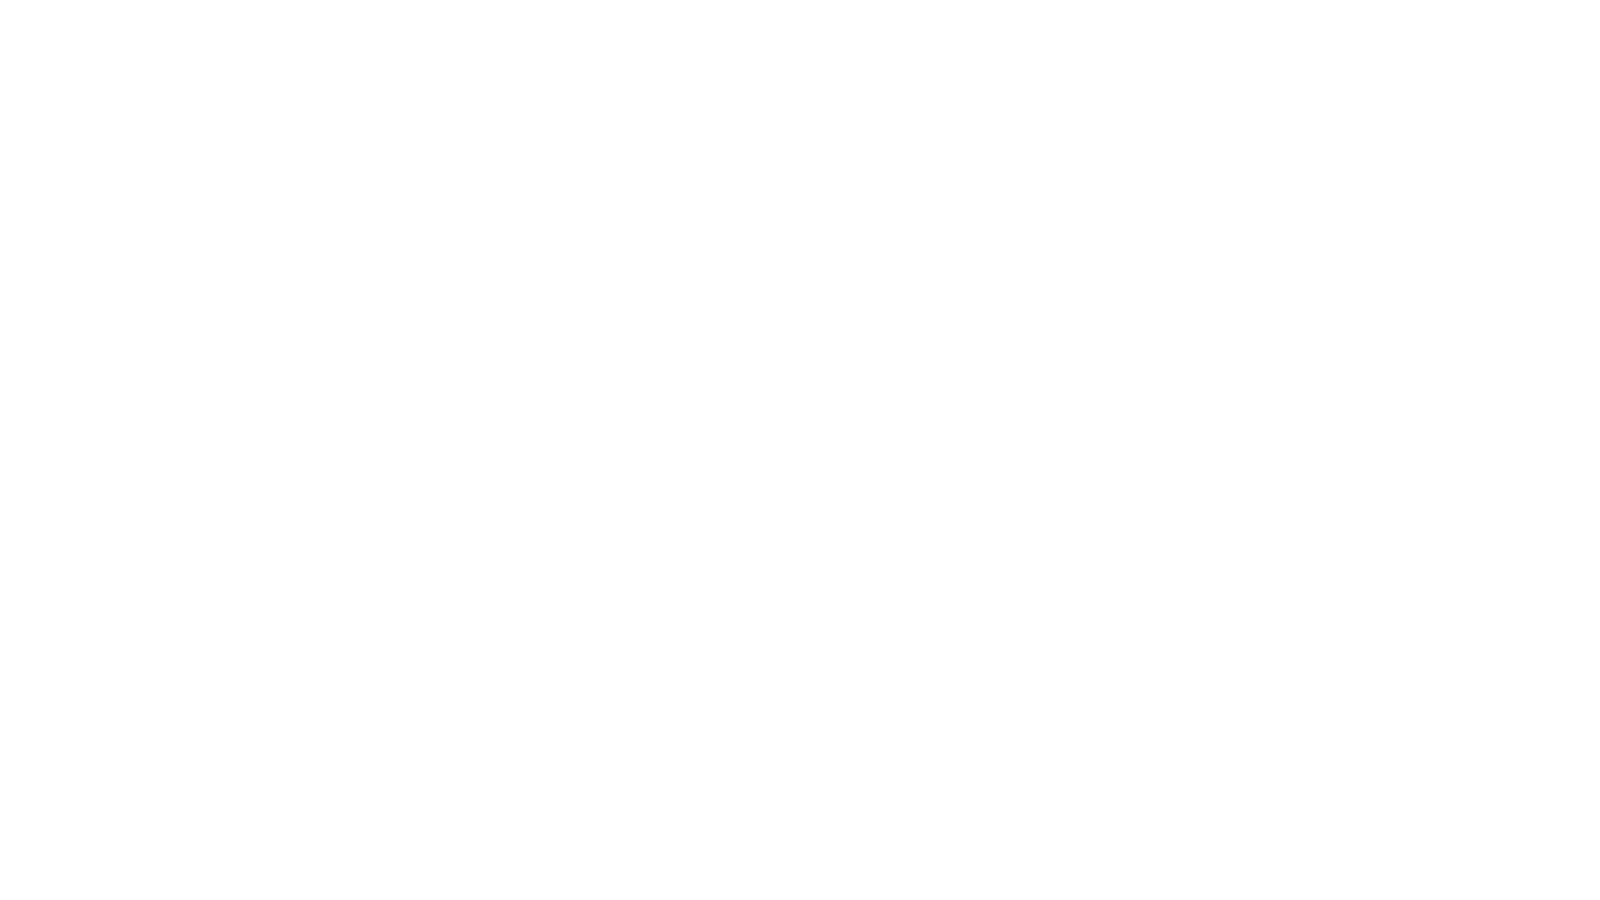 En este video leo un extracto de mi novela Historieta nacional en el que René, un coleccionista de cómics especializado en Superman, descubre que abrió una comiequería en su propio barrio. Si te gusta y querés saber más de la novela,  como por ejemplo dónde conseguirla, date una vuelta por página web. https://www.alejovaldearena.com/